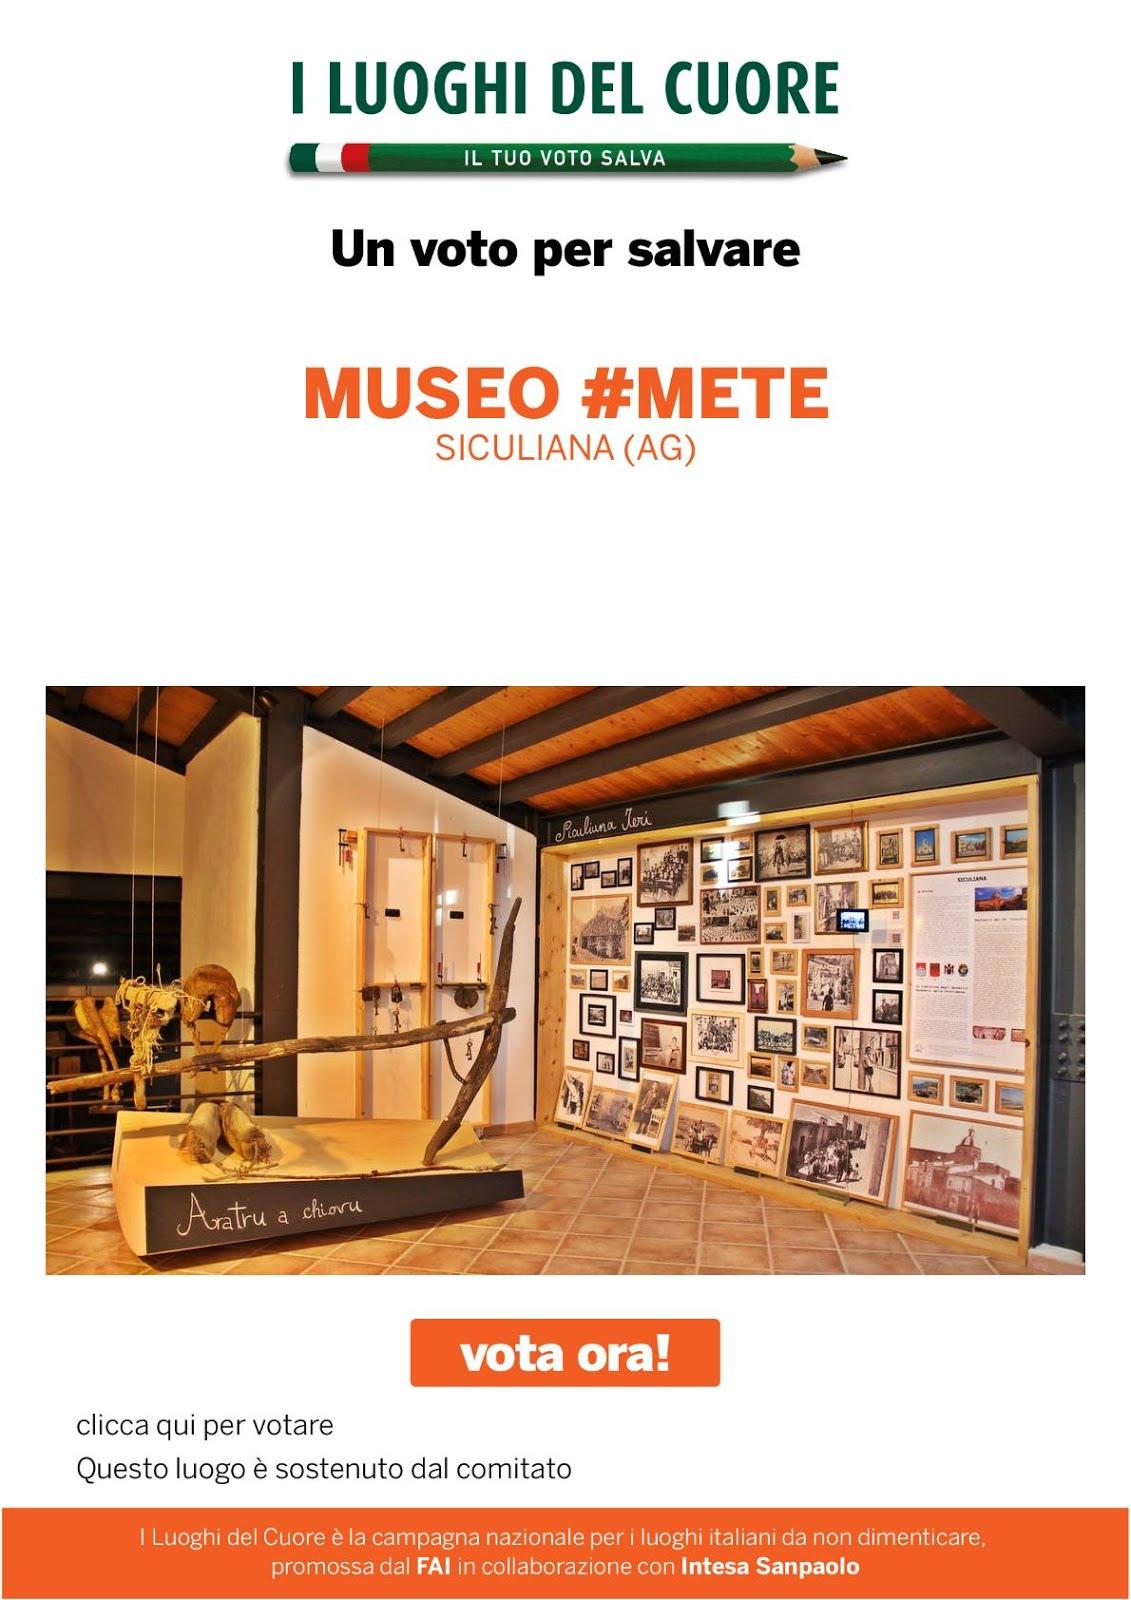 Sostieni il Museo #MeTe votandolo tra i Luoghi del cuore FAI